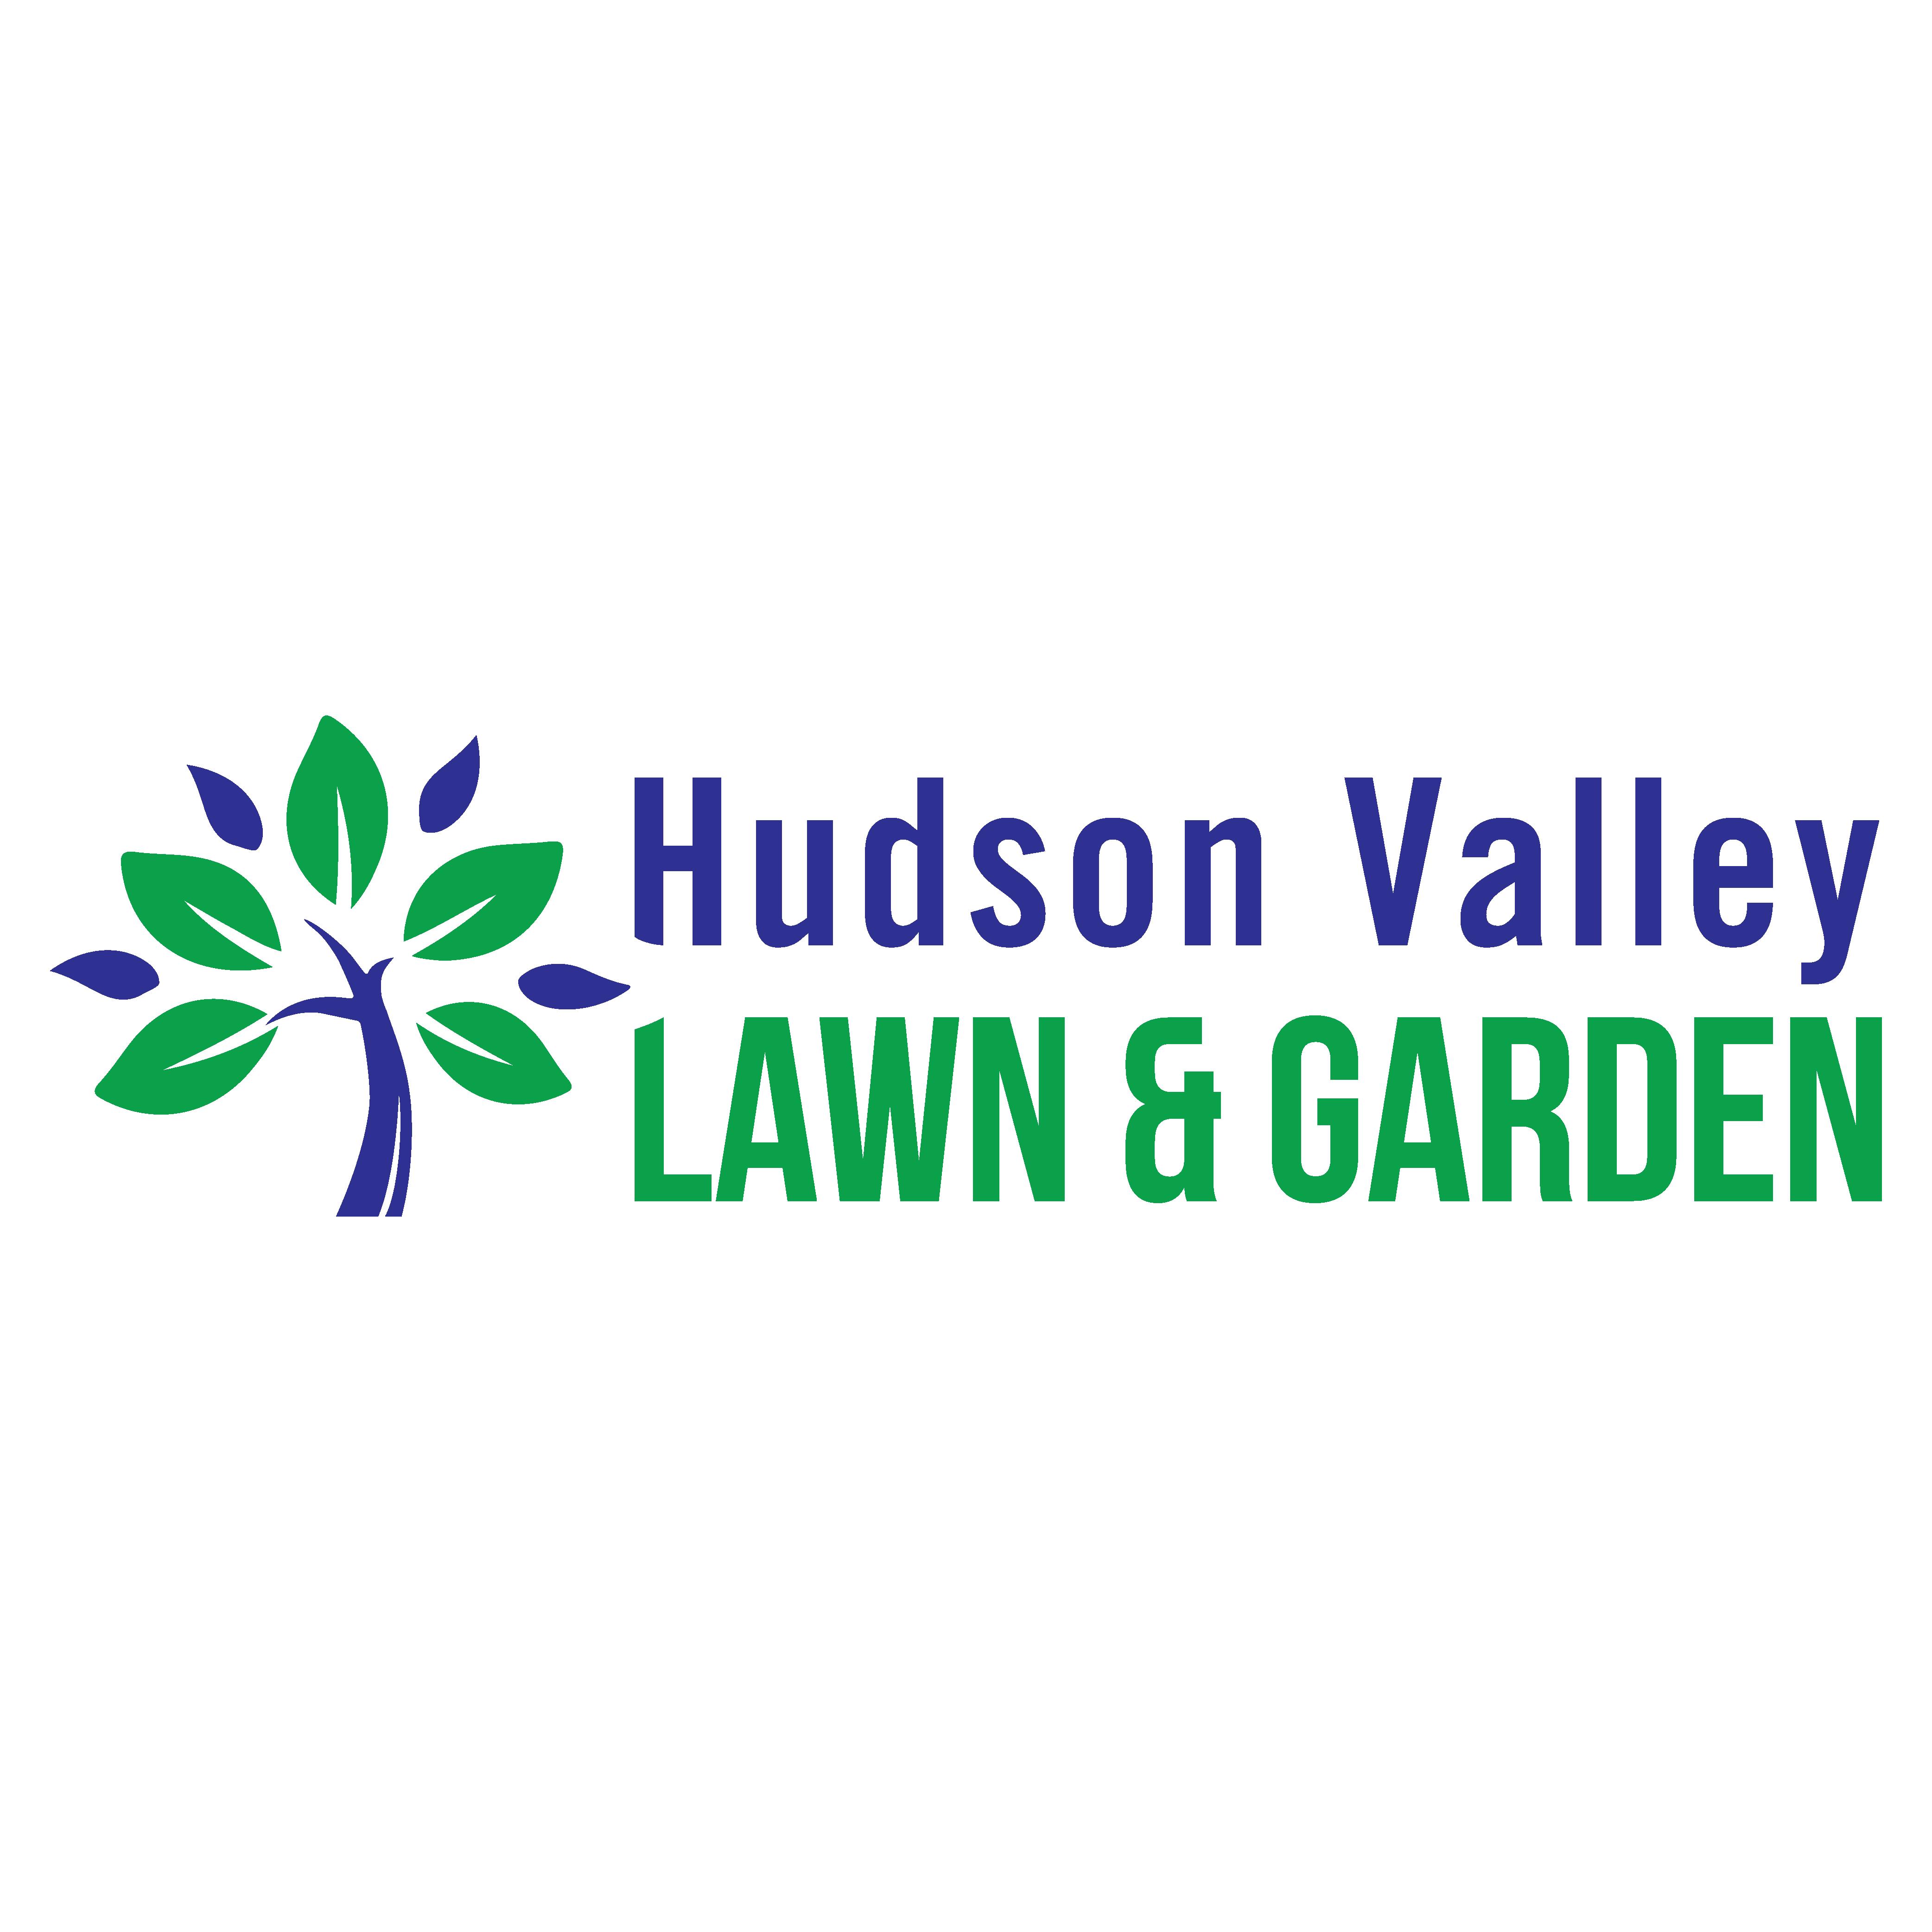 Hudson Valley Lawn & Garden Logo